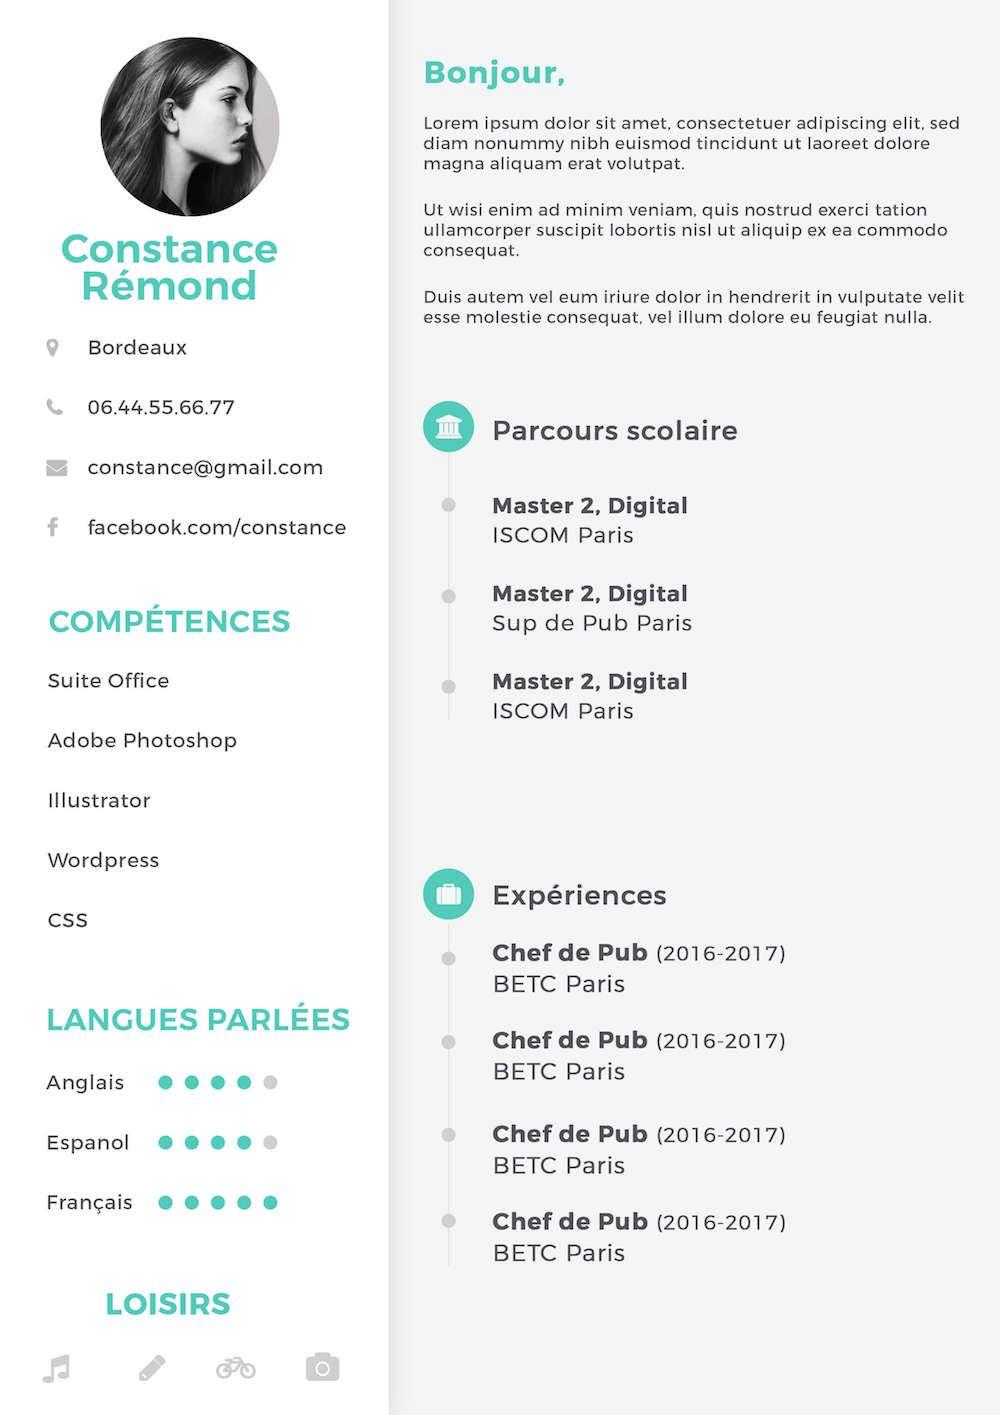 Il Etait Un Job The Blog Emploi Job Etudiant Recettes De Cuisine